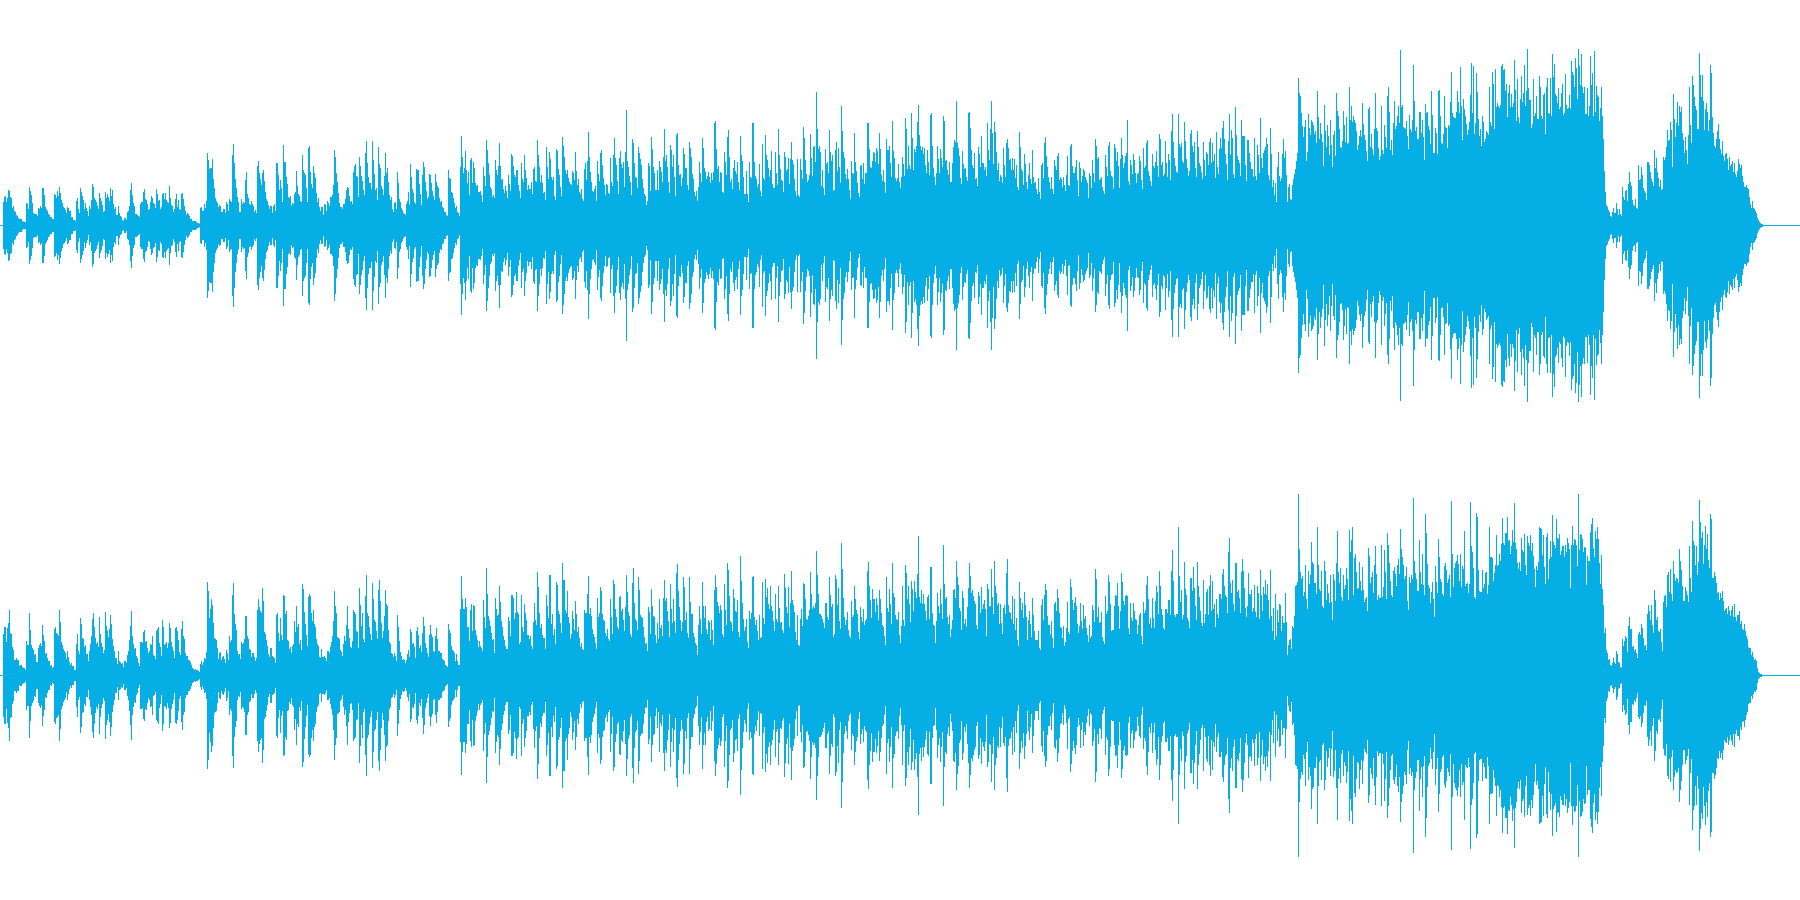 エンディング向けのおやすみバラードの再生済みの波形